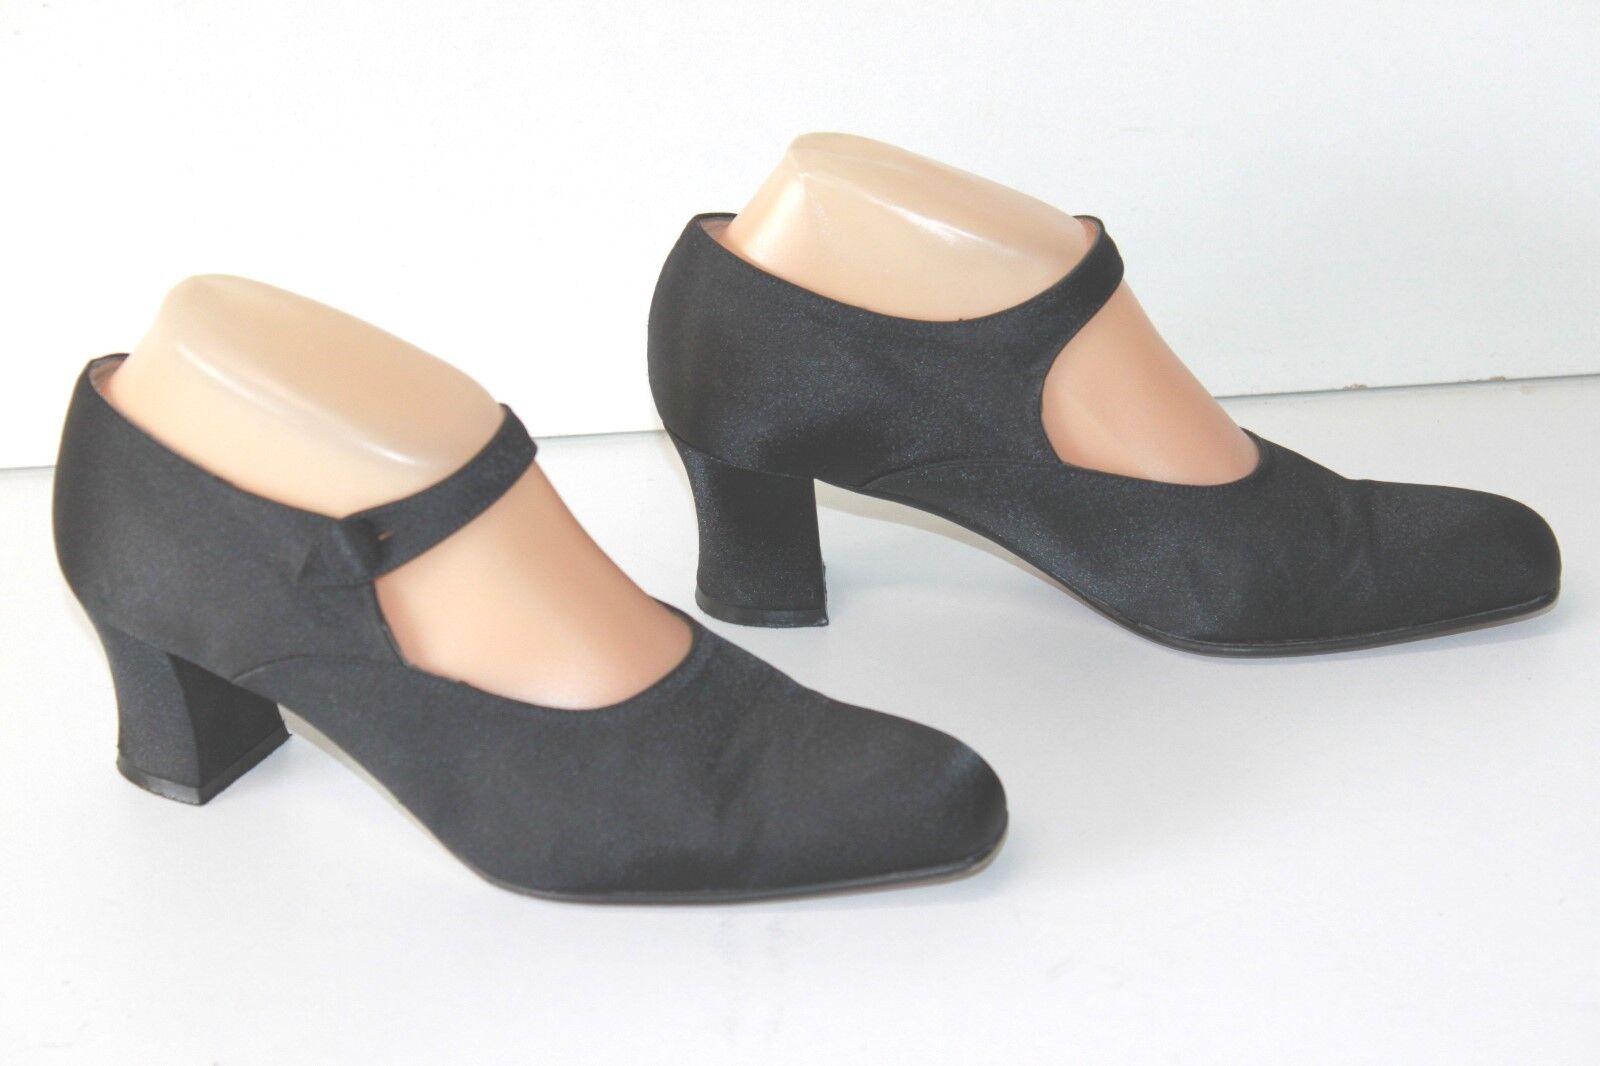 PARALLELE Court shoes Canvas Satin Black Double Leather T 5 38